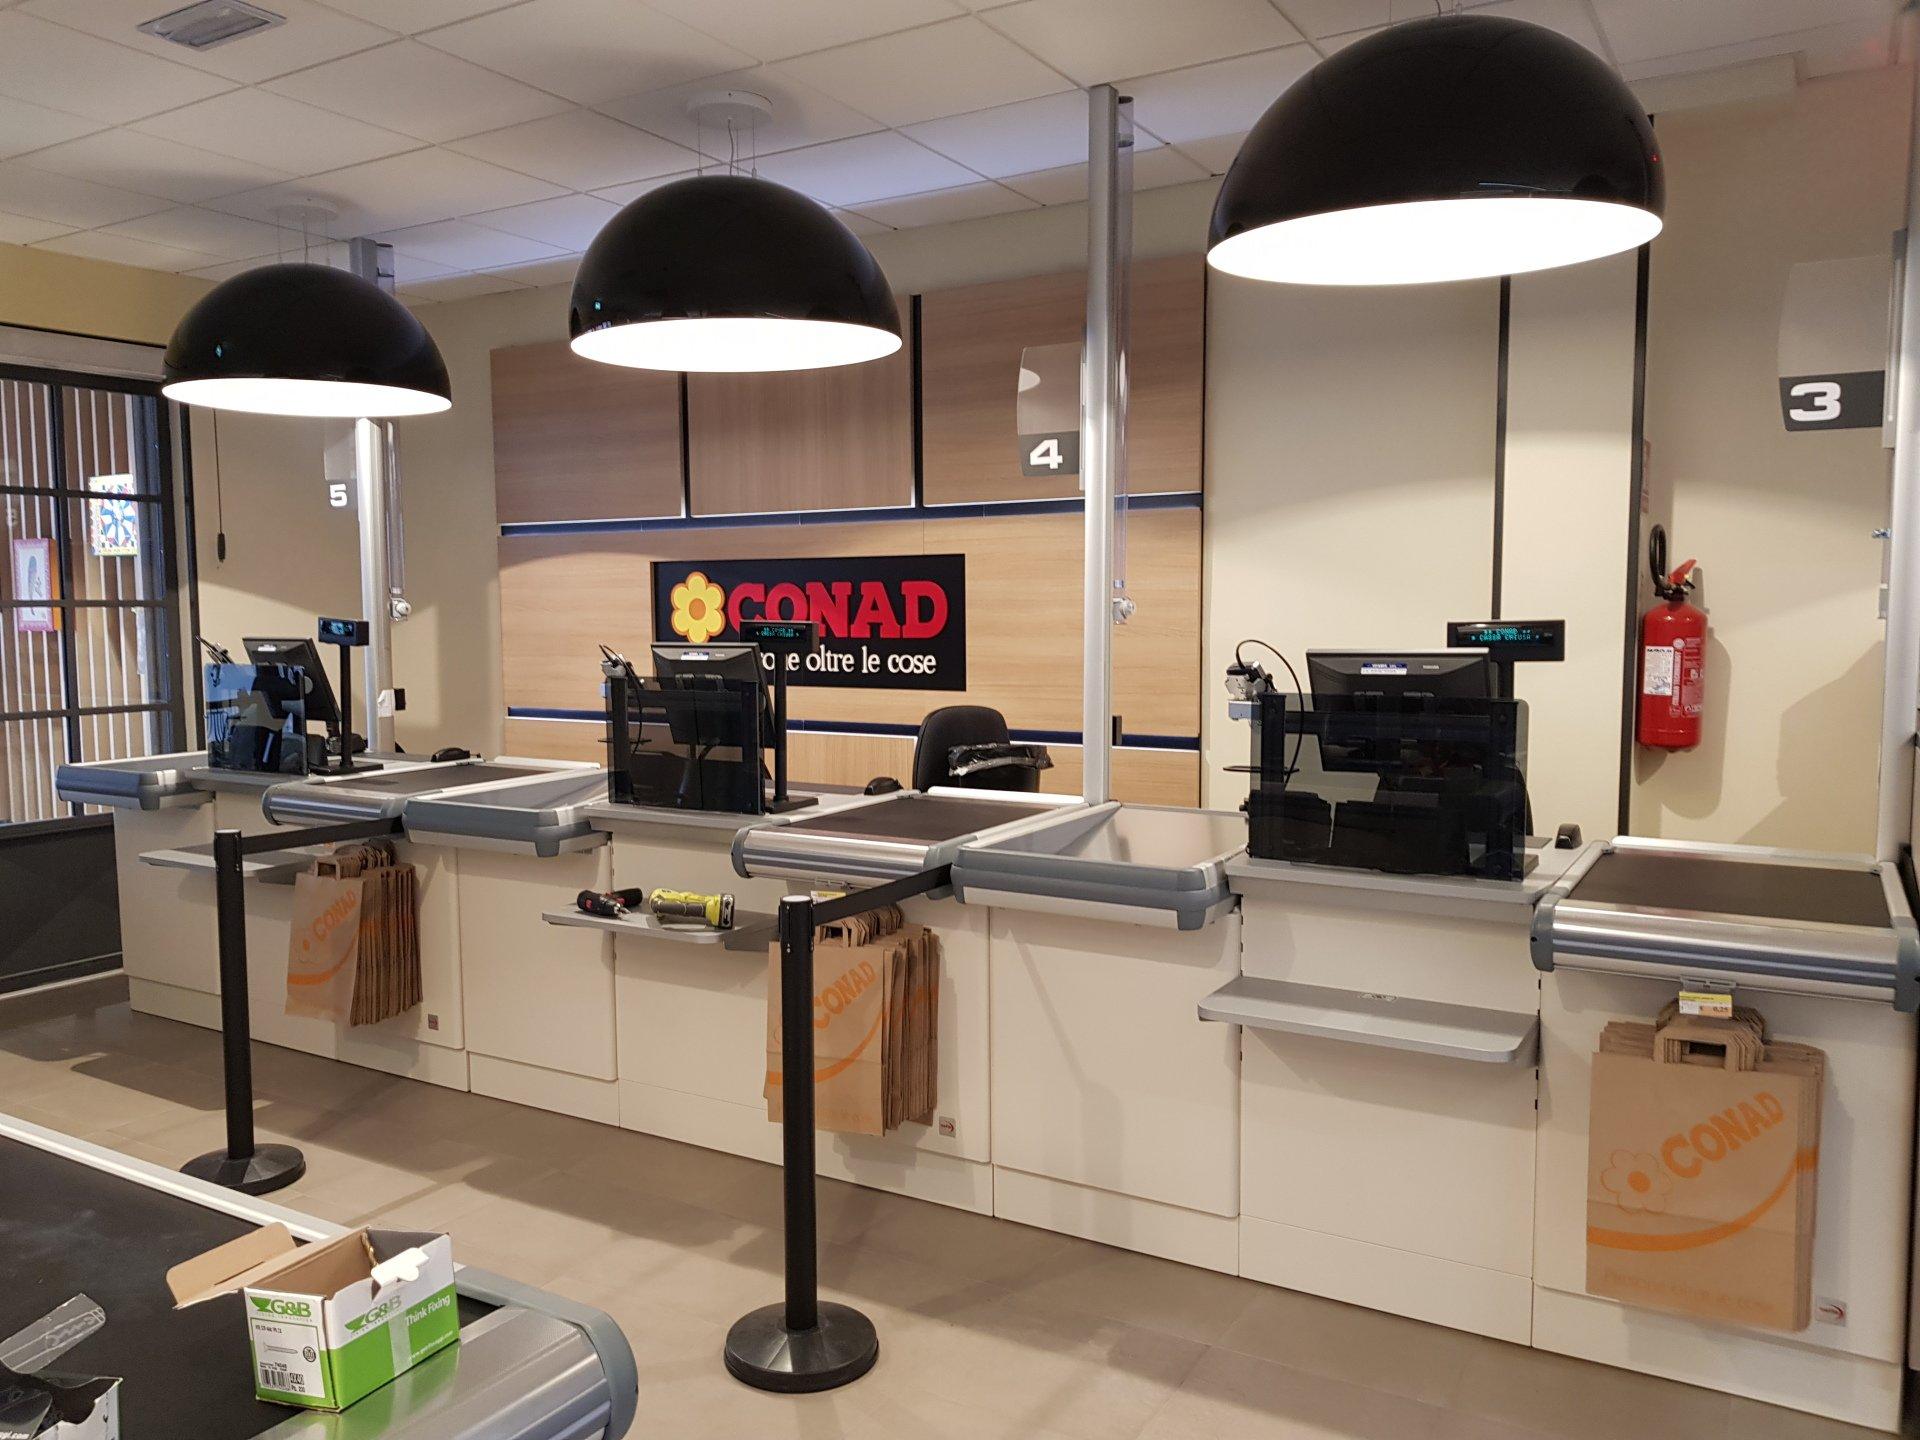 Arredamento negozi settore food palermo pa gibieffe for Arredamento negozi palermo